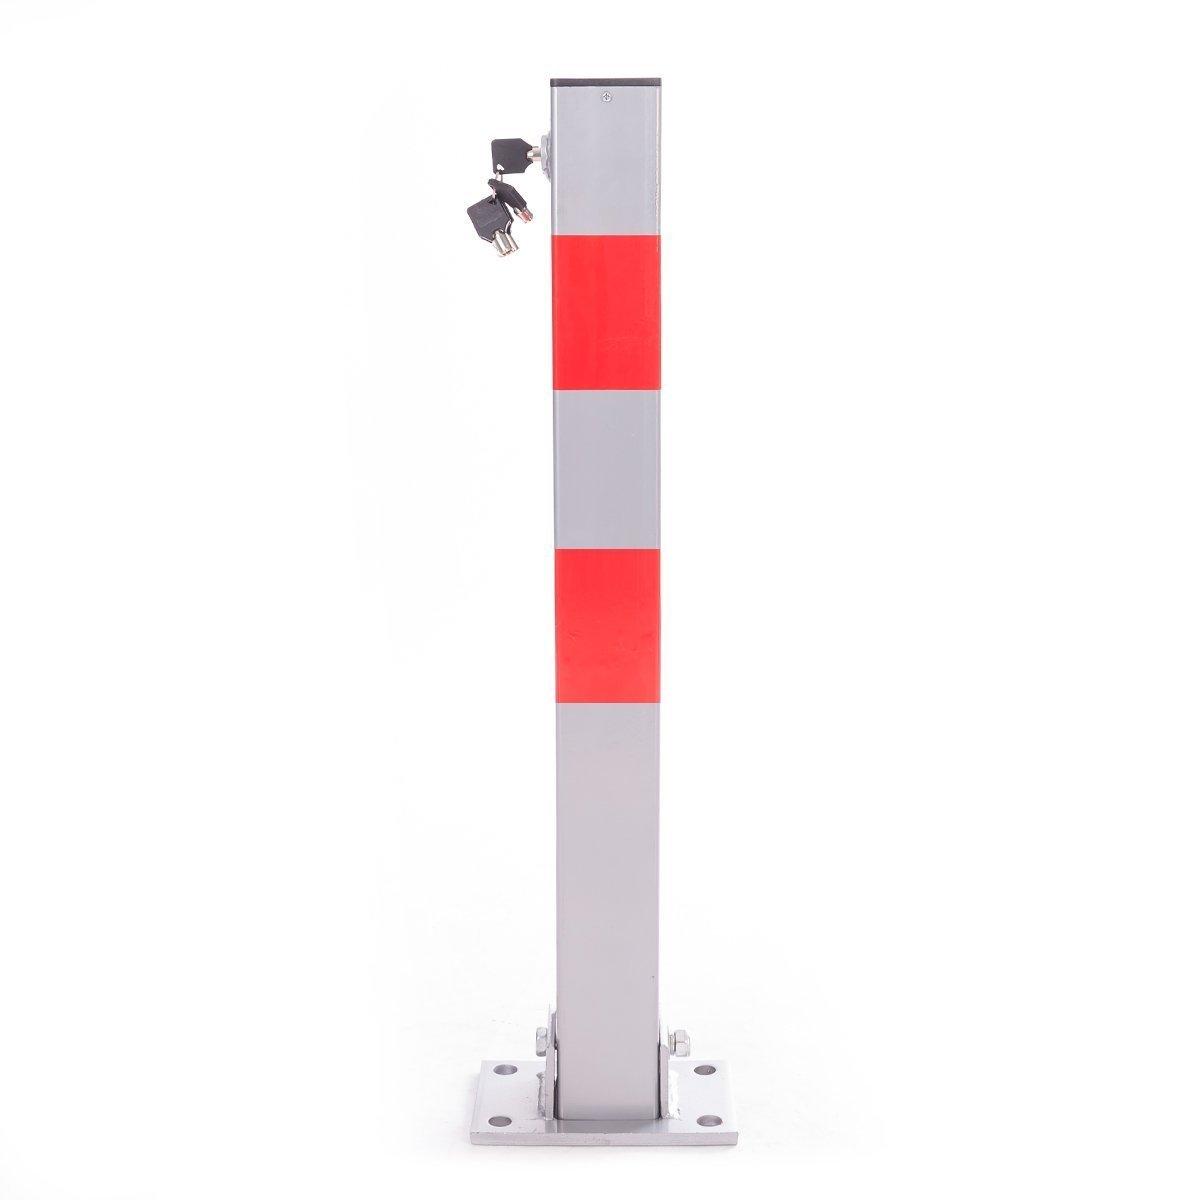 Ectxo Parking Barrier Post Security Post Lockable Rectangular Post Bollard